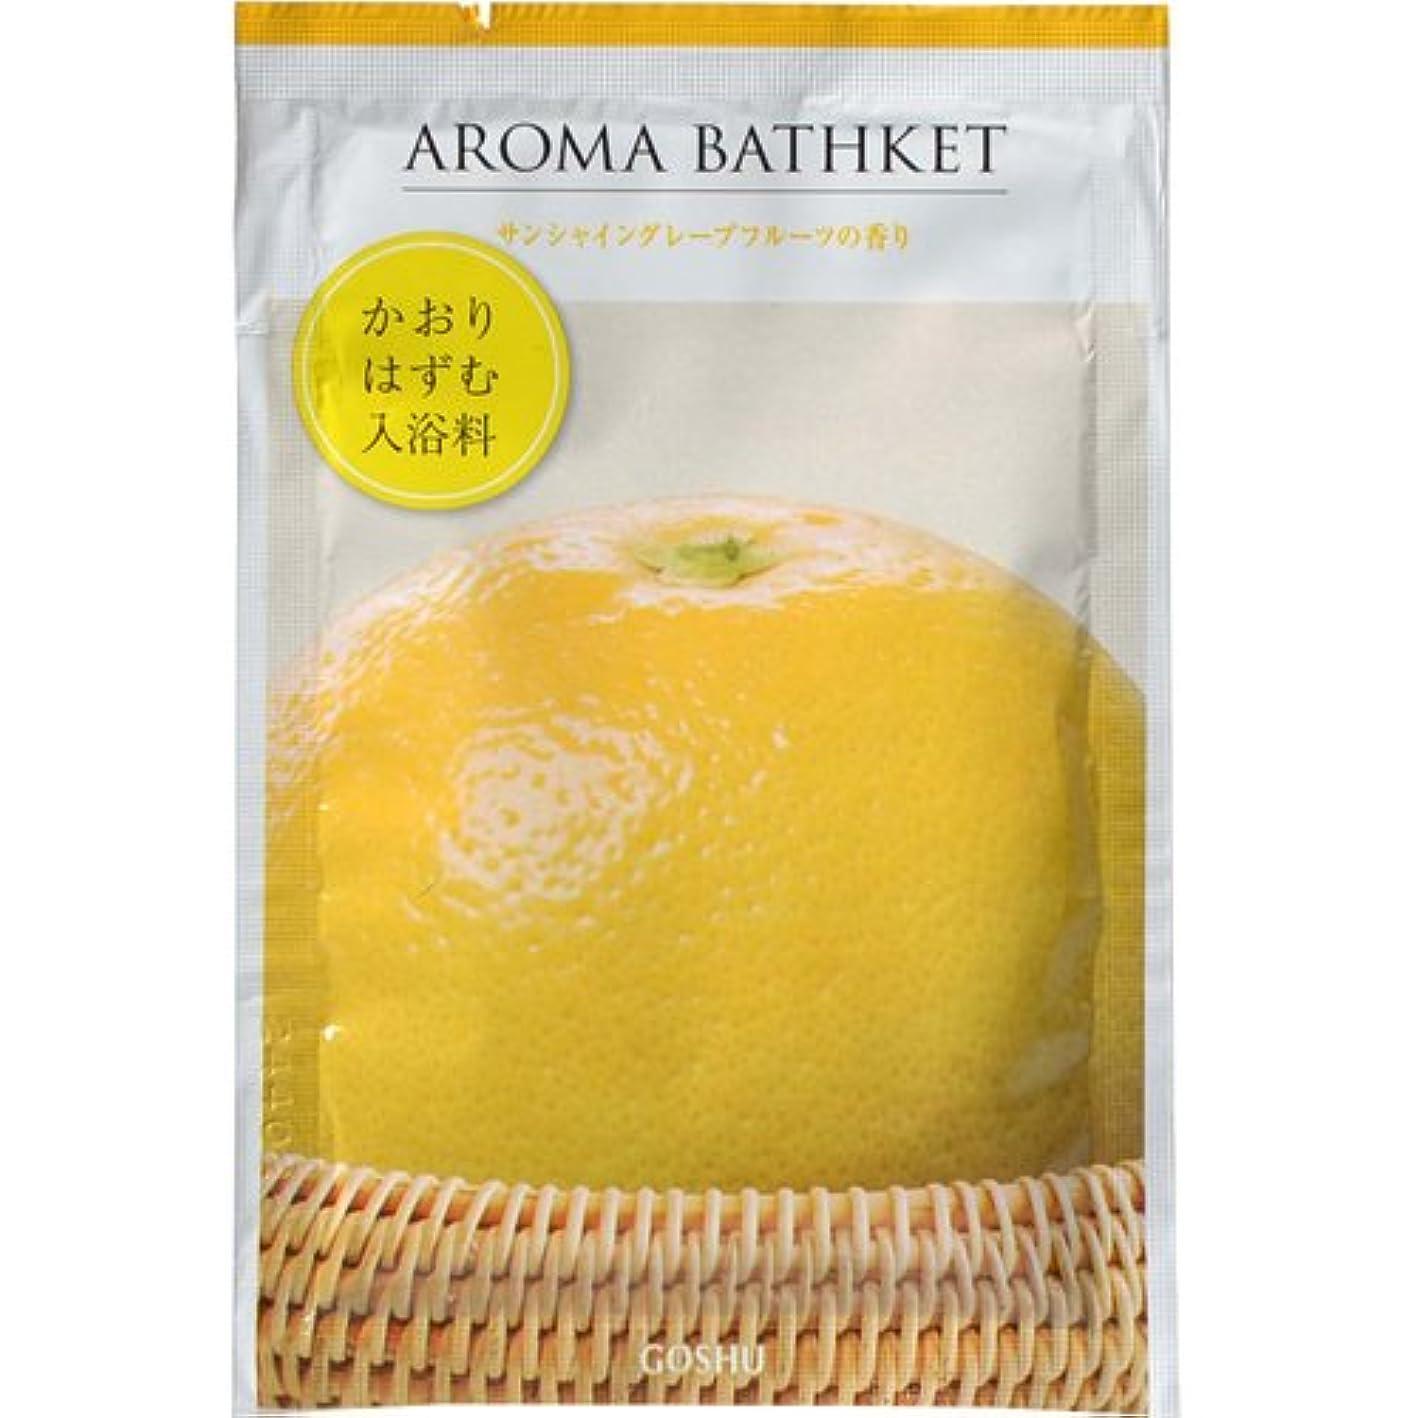 ふける効果的コメントアロマバスケット サンシャイングレープフルーツの香り 25g